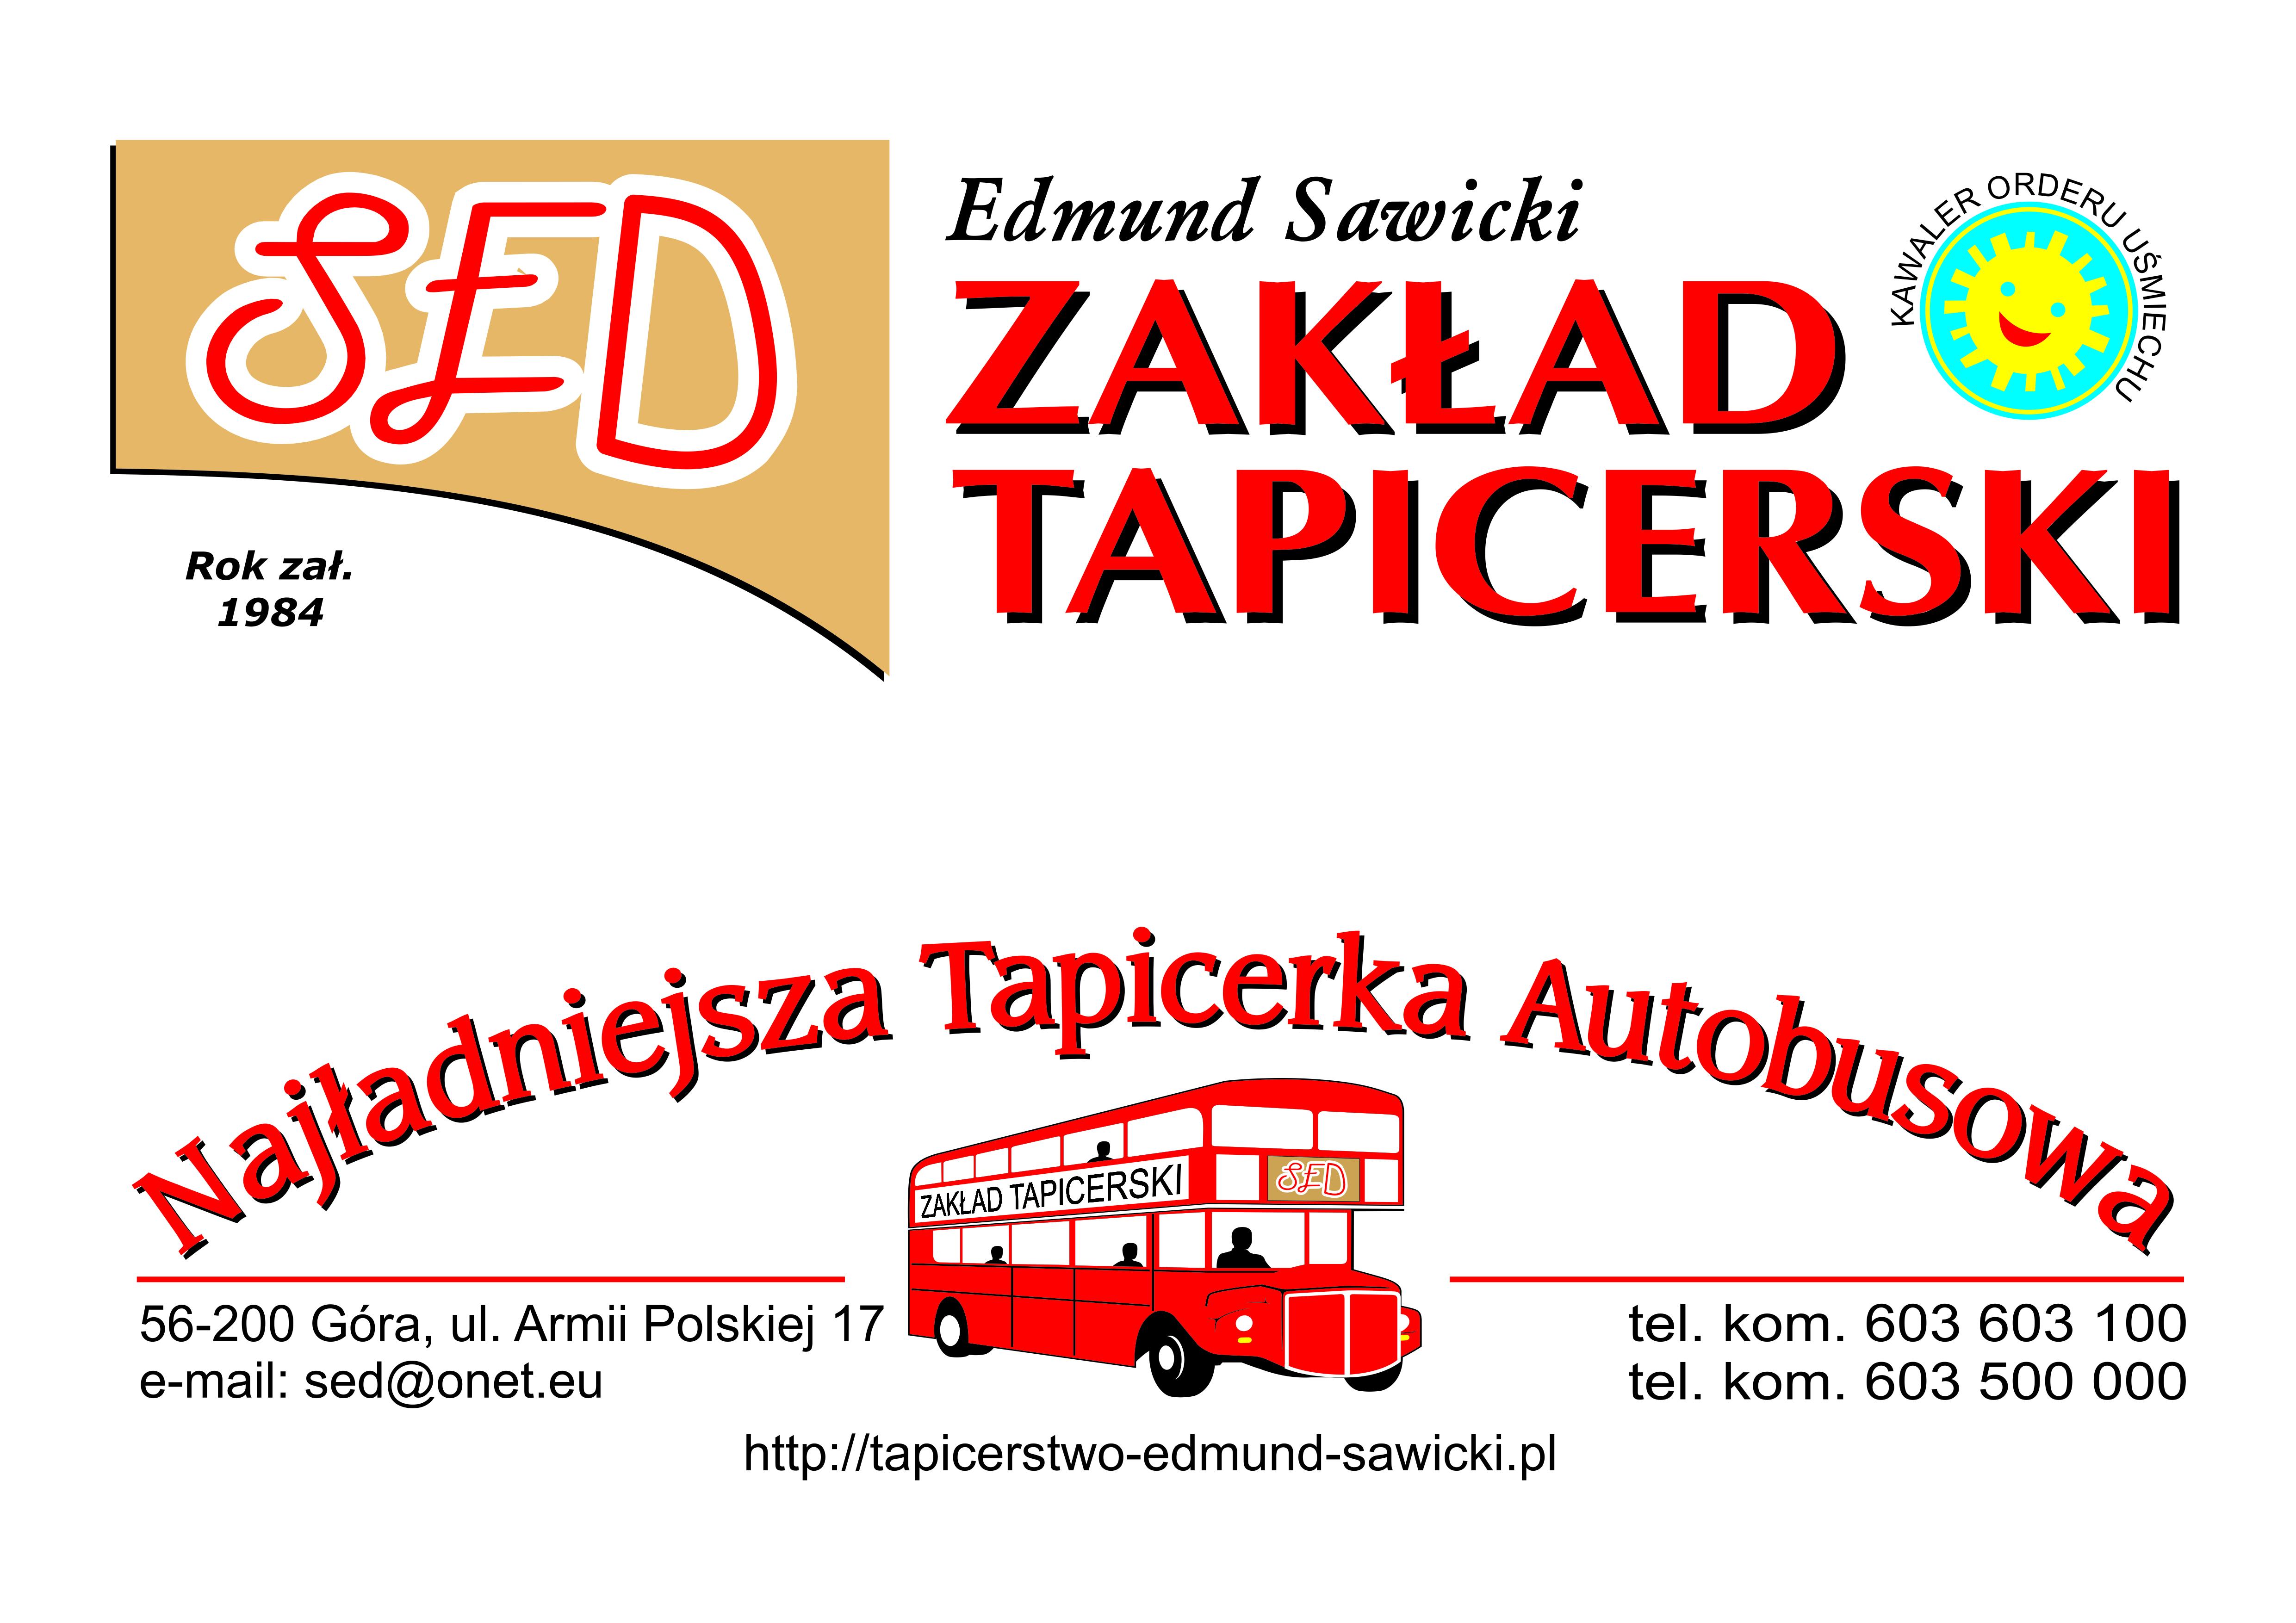 SED Zakład Tapicerski